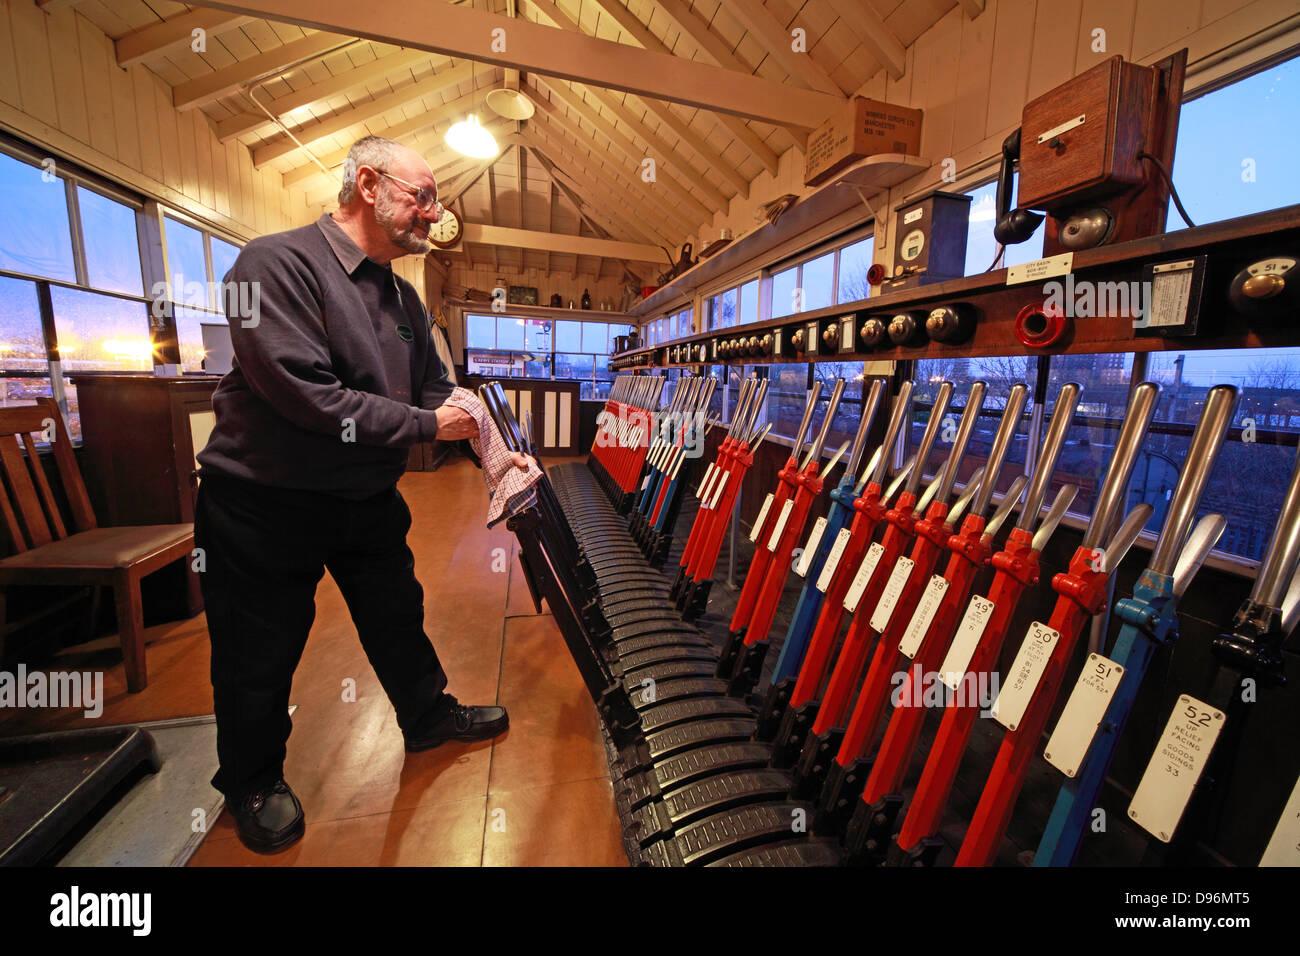 Laden Sie dieses Alamy Stockfoto Abend mit den Hebel in die Signalbox, Crewe, - D96MT5